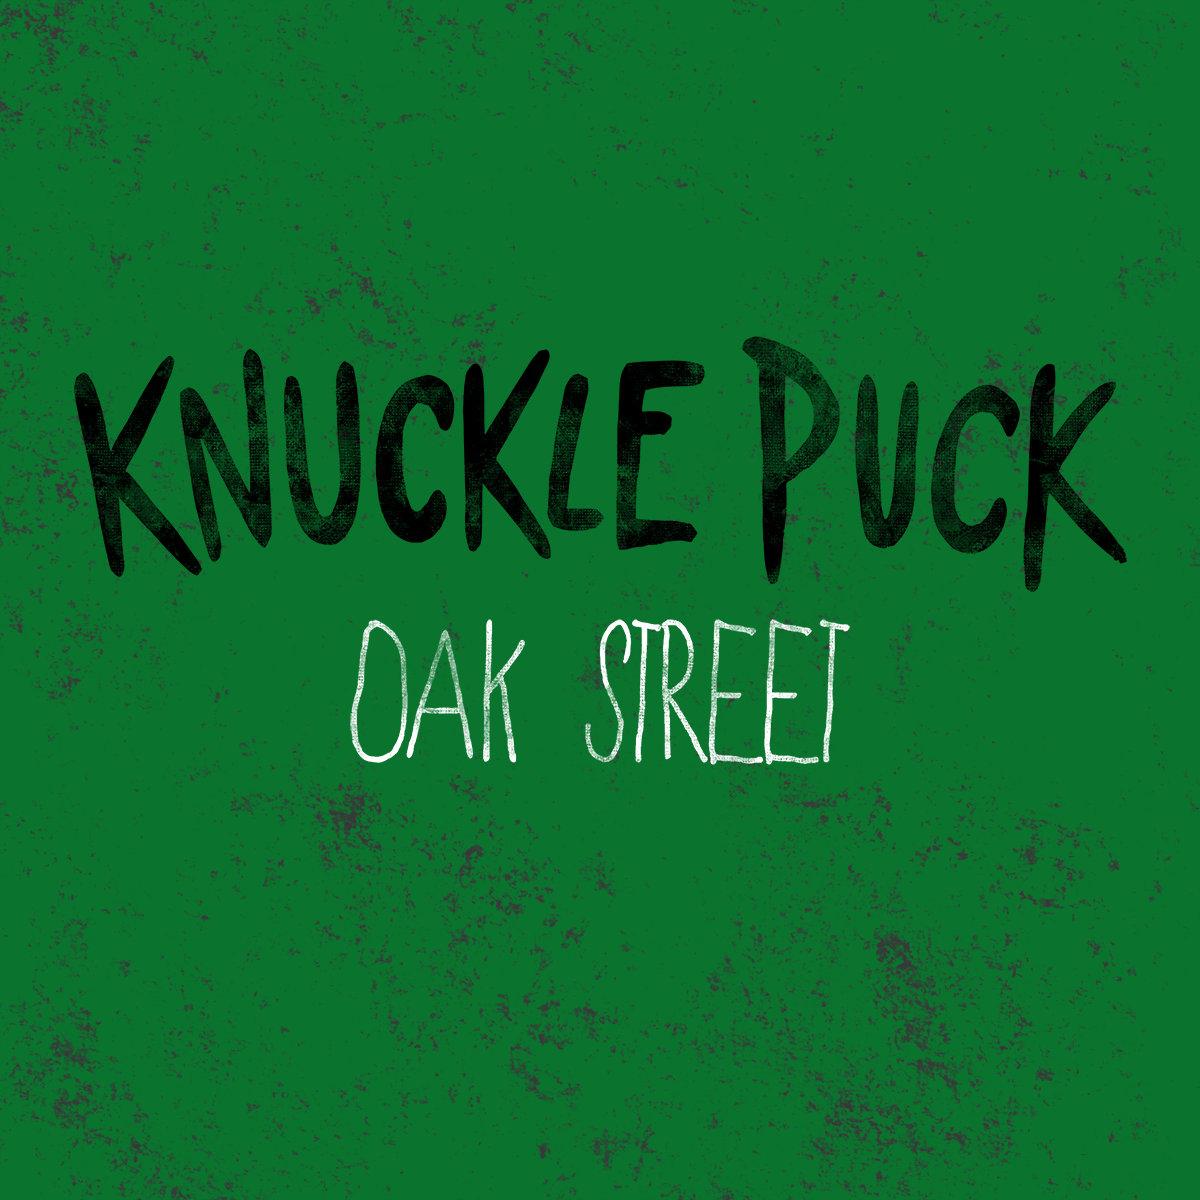 knuckle puck copacetic torrent